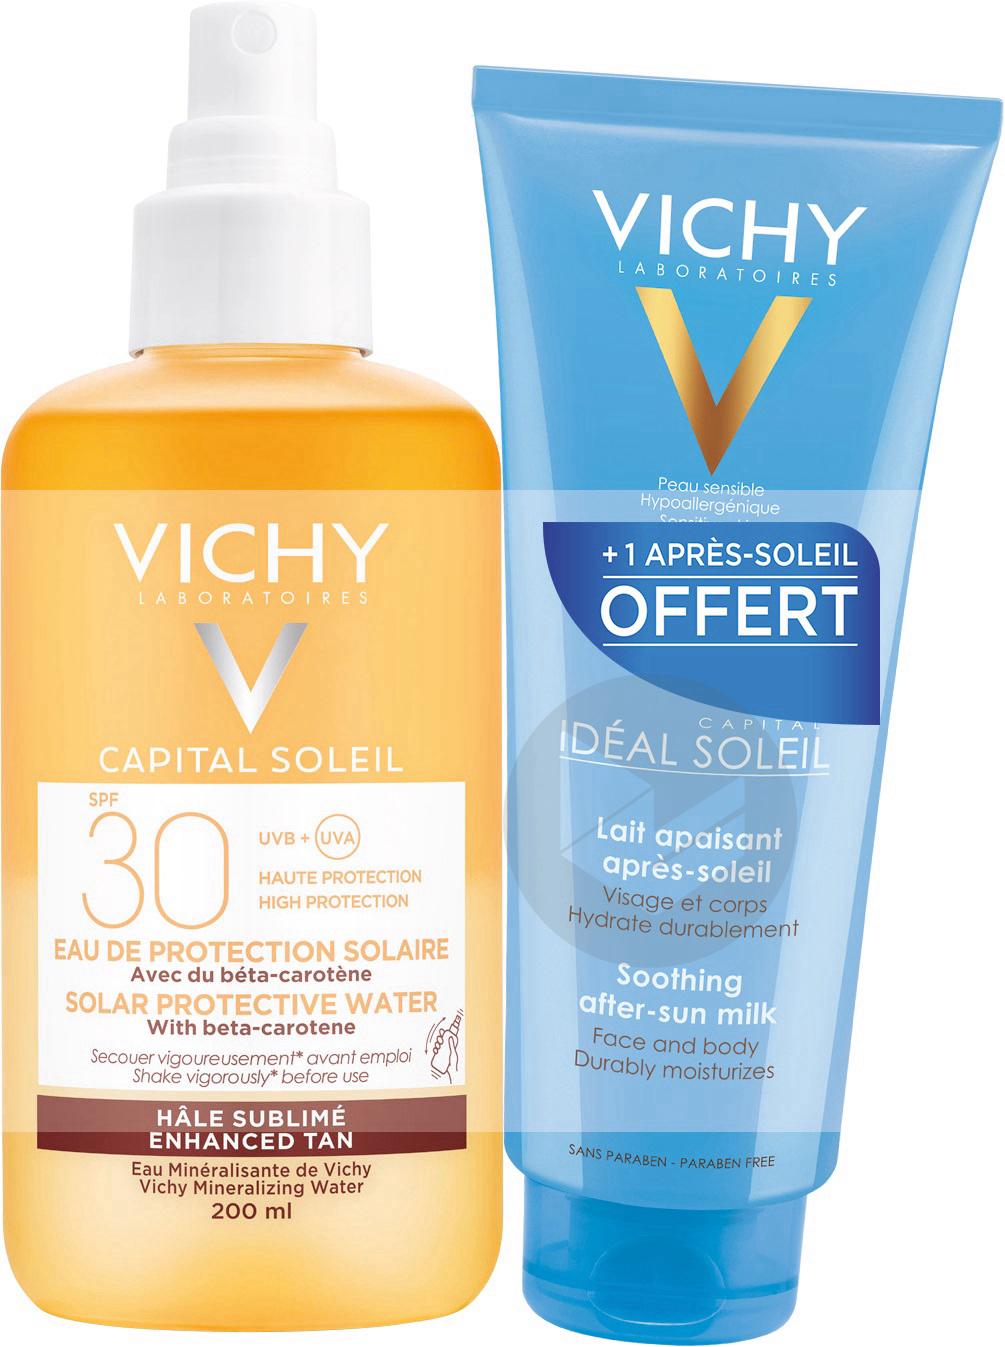 Capital Soleil Vichy